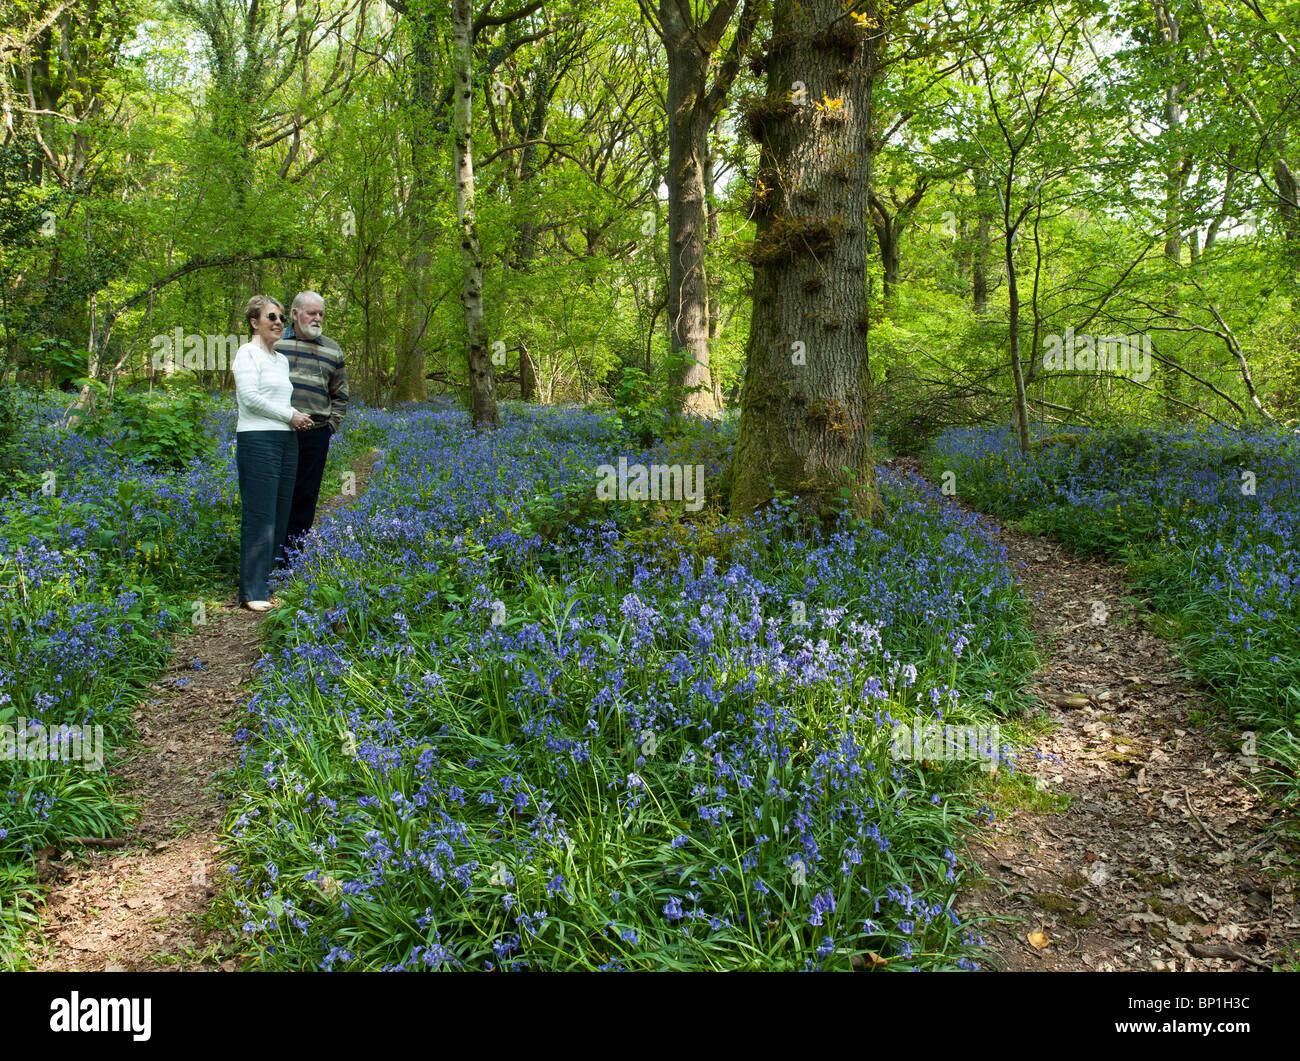 EHEPAAR IM RUHESTAND ZU FUß DURCH BLAUE GLOCKEN IM WALD WYE VALLEY UK Stockfoto